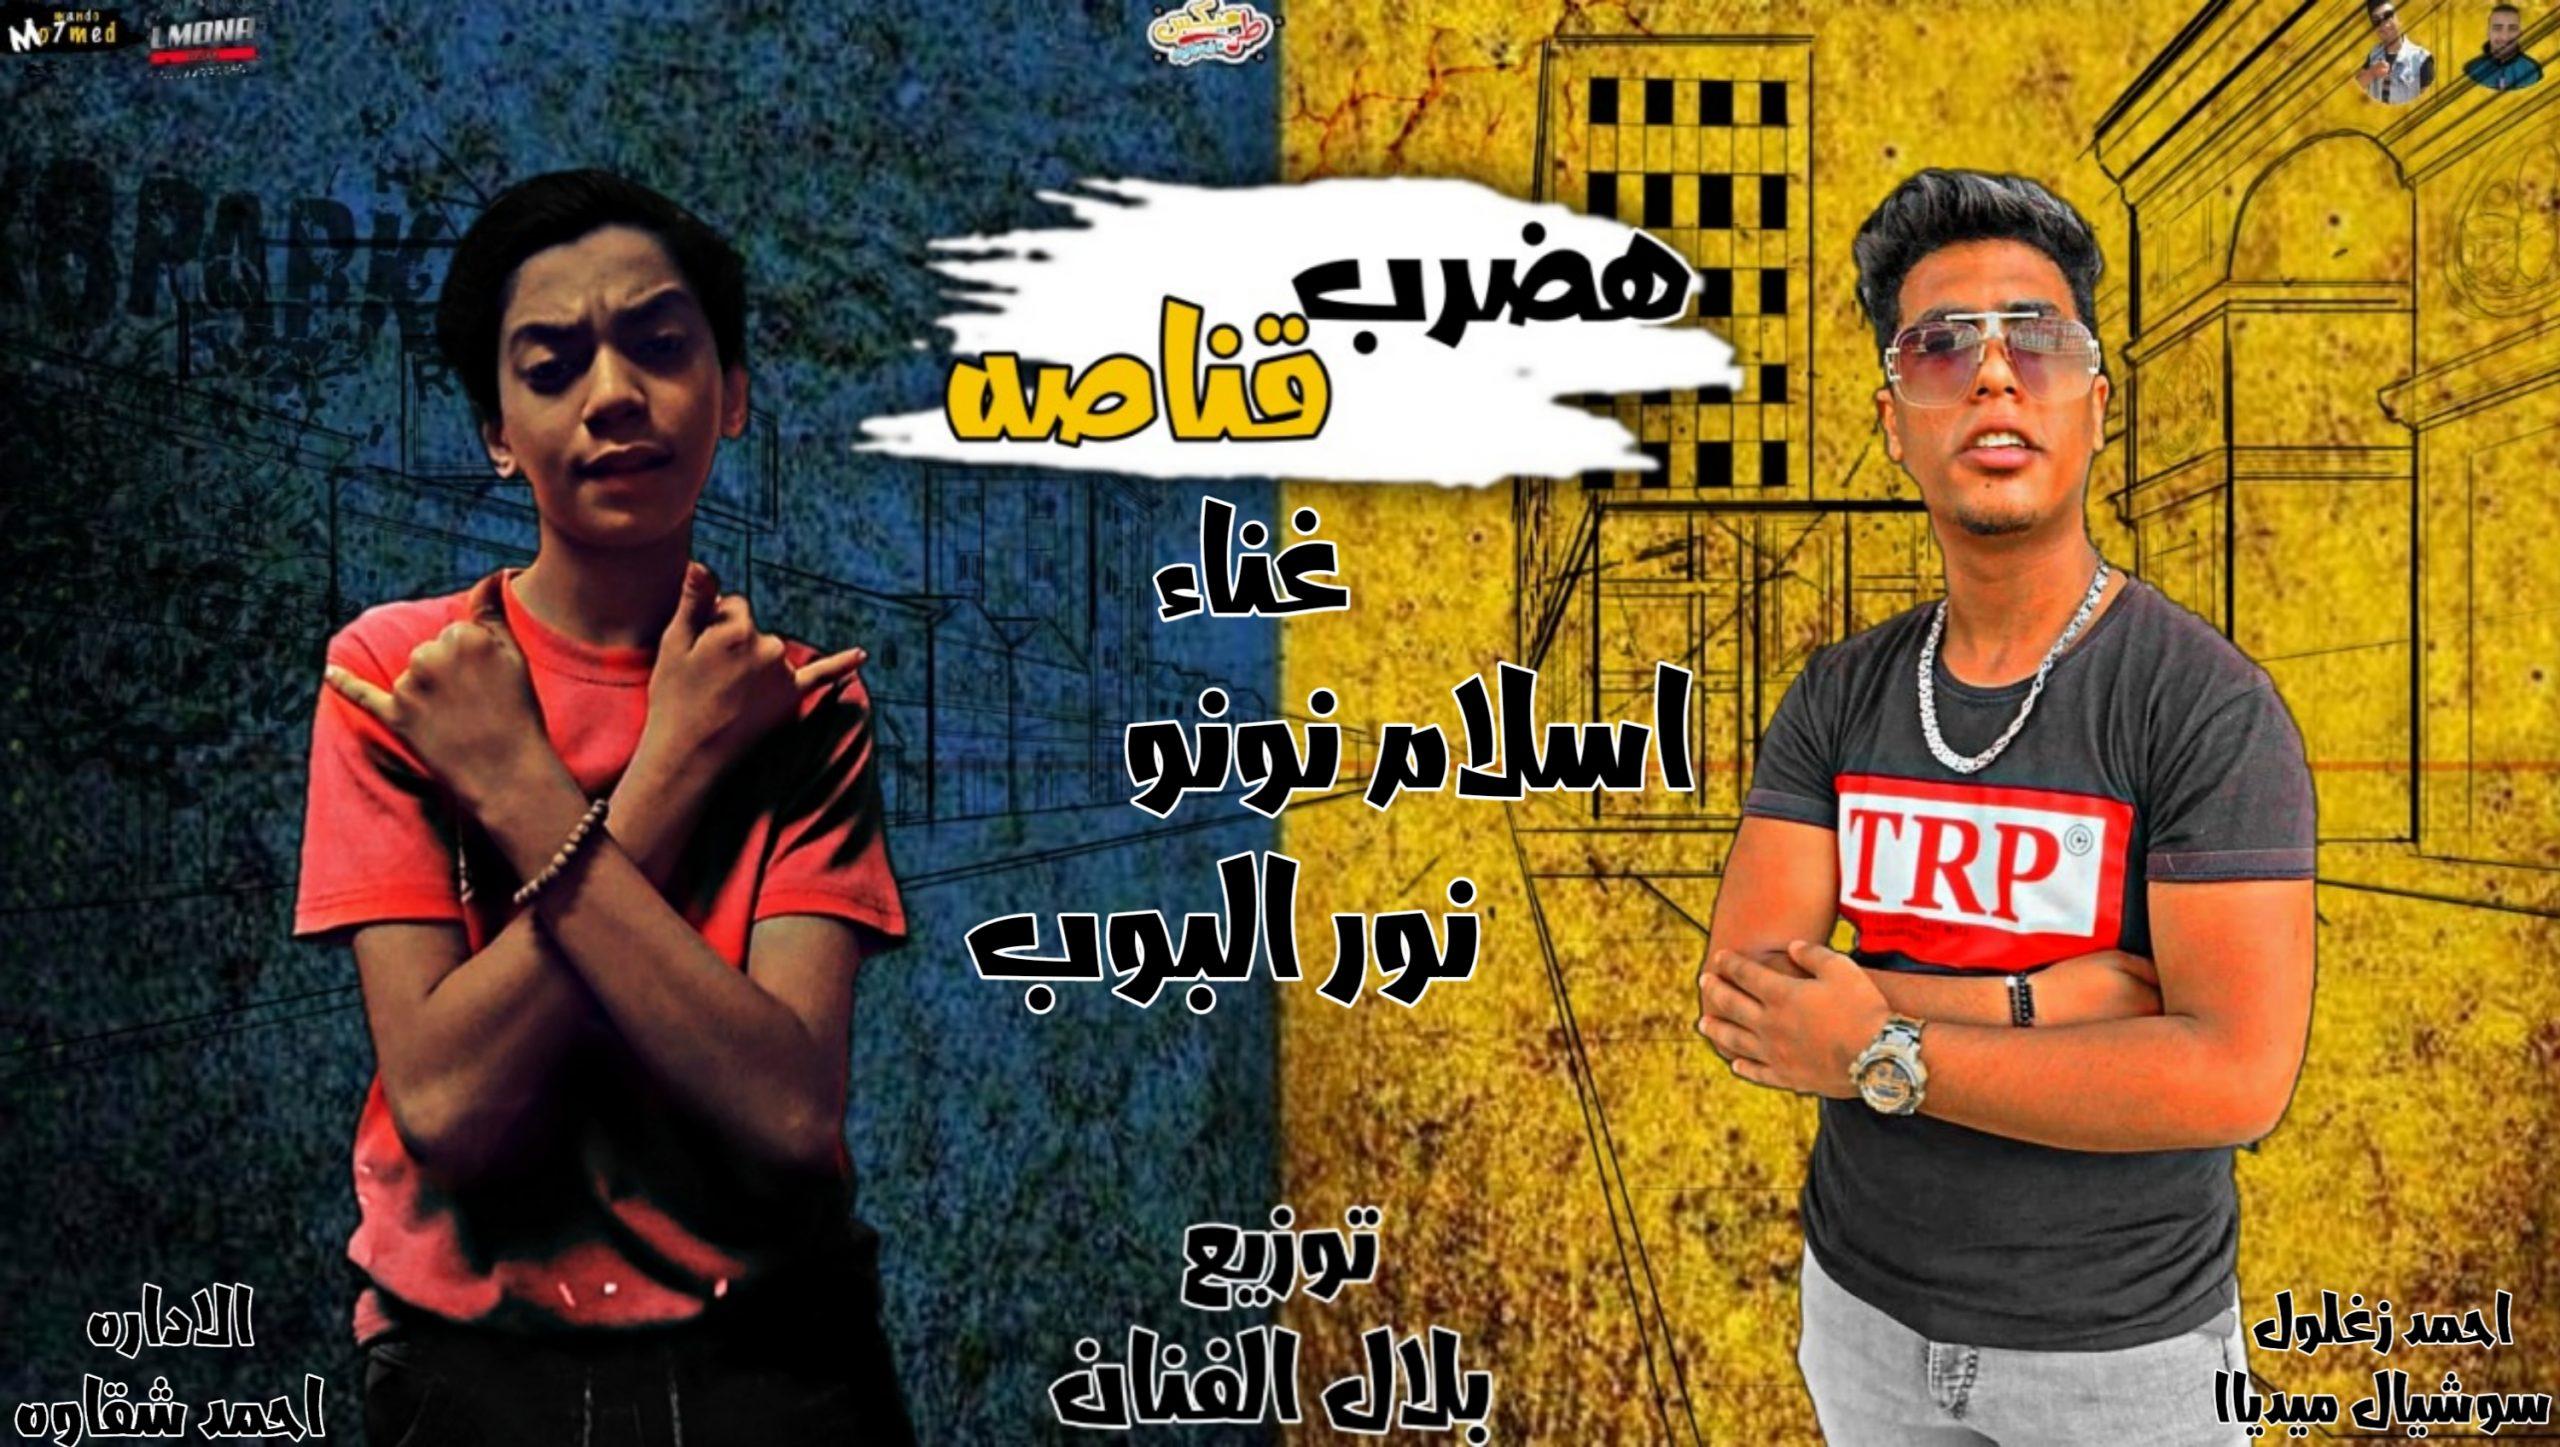 مهرجان هضرب قناصة غناء اسلام نونو - نور البوب - توزيع بلال الفنان 2020